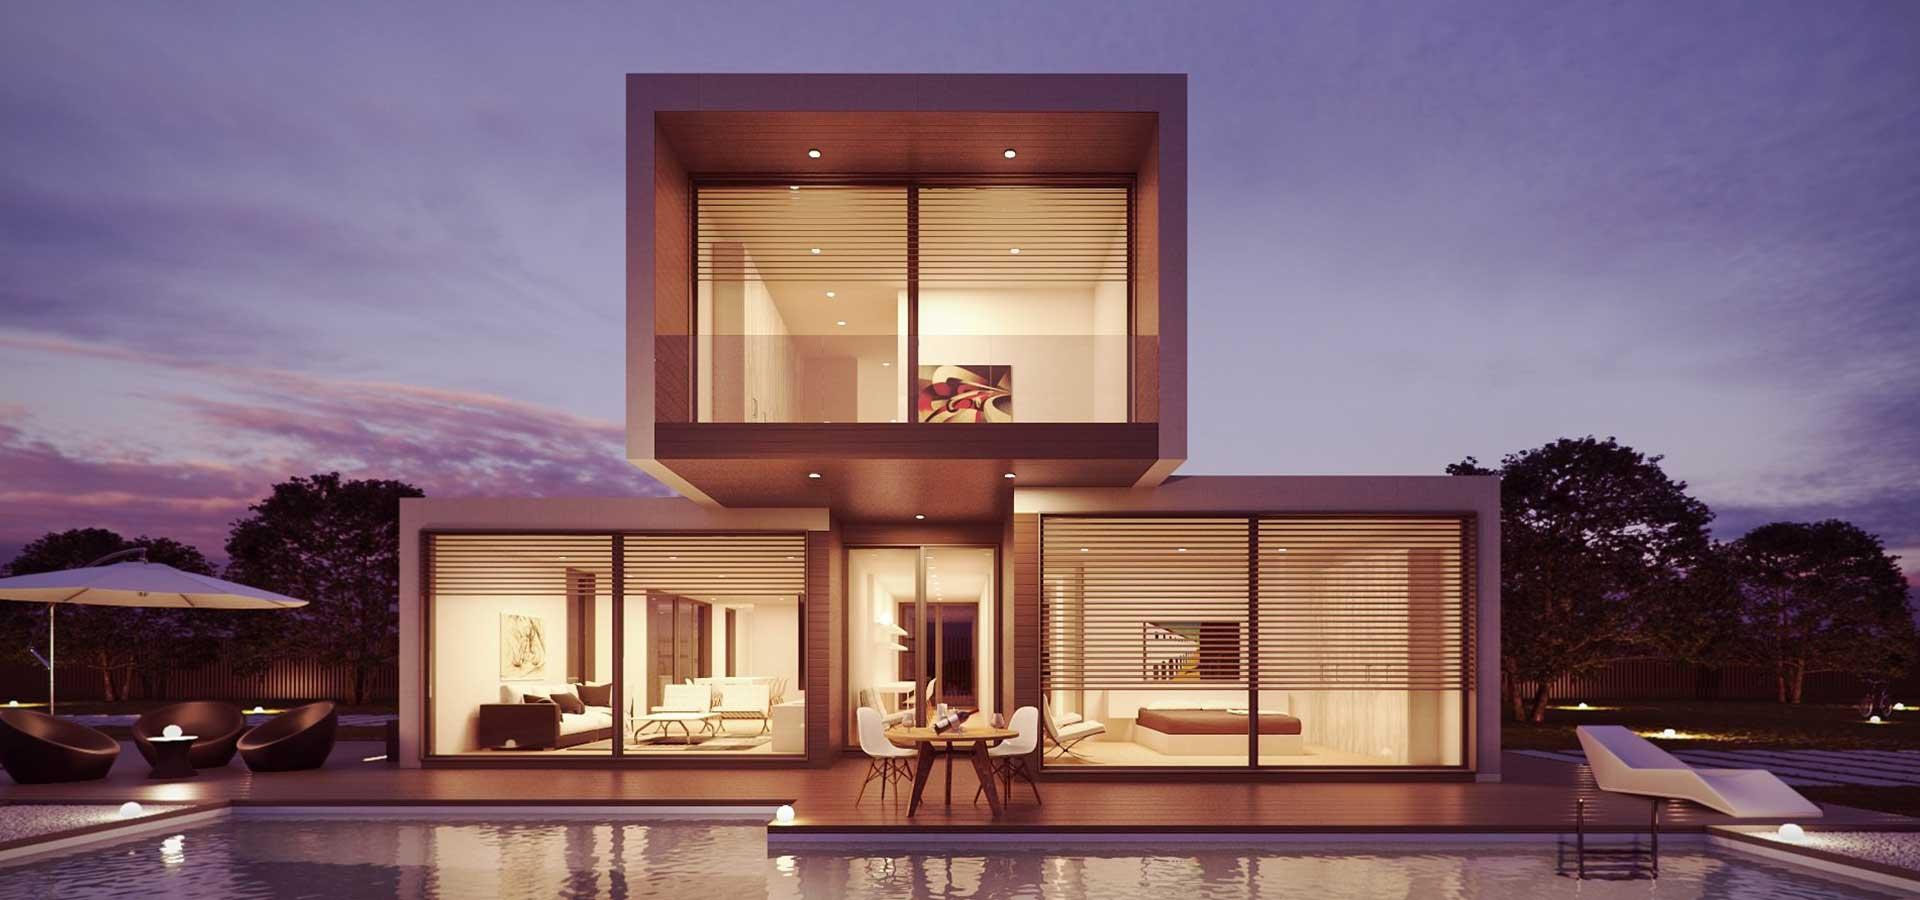 Hoger Real Estate